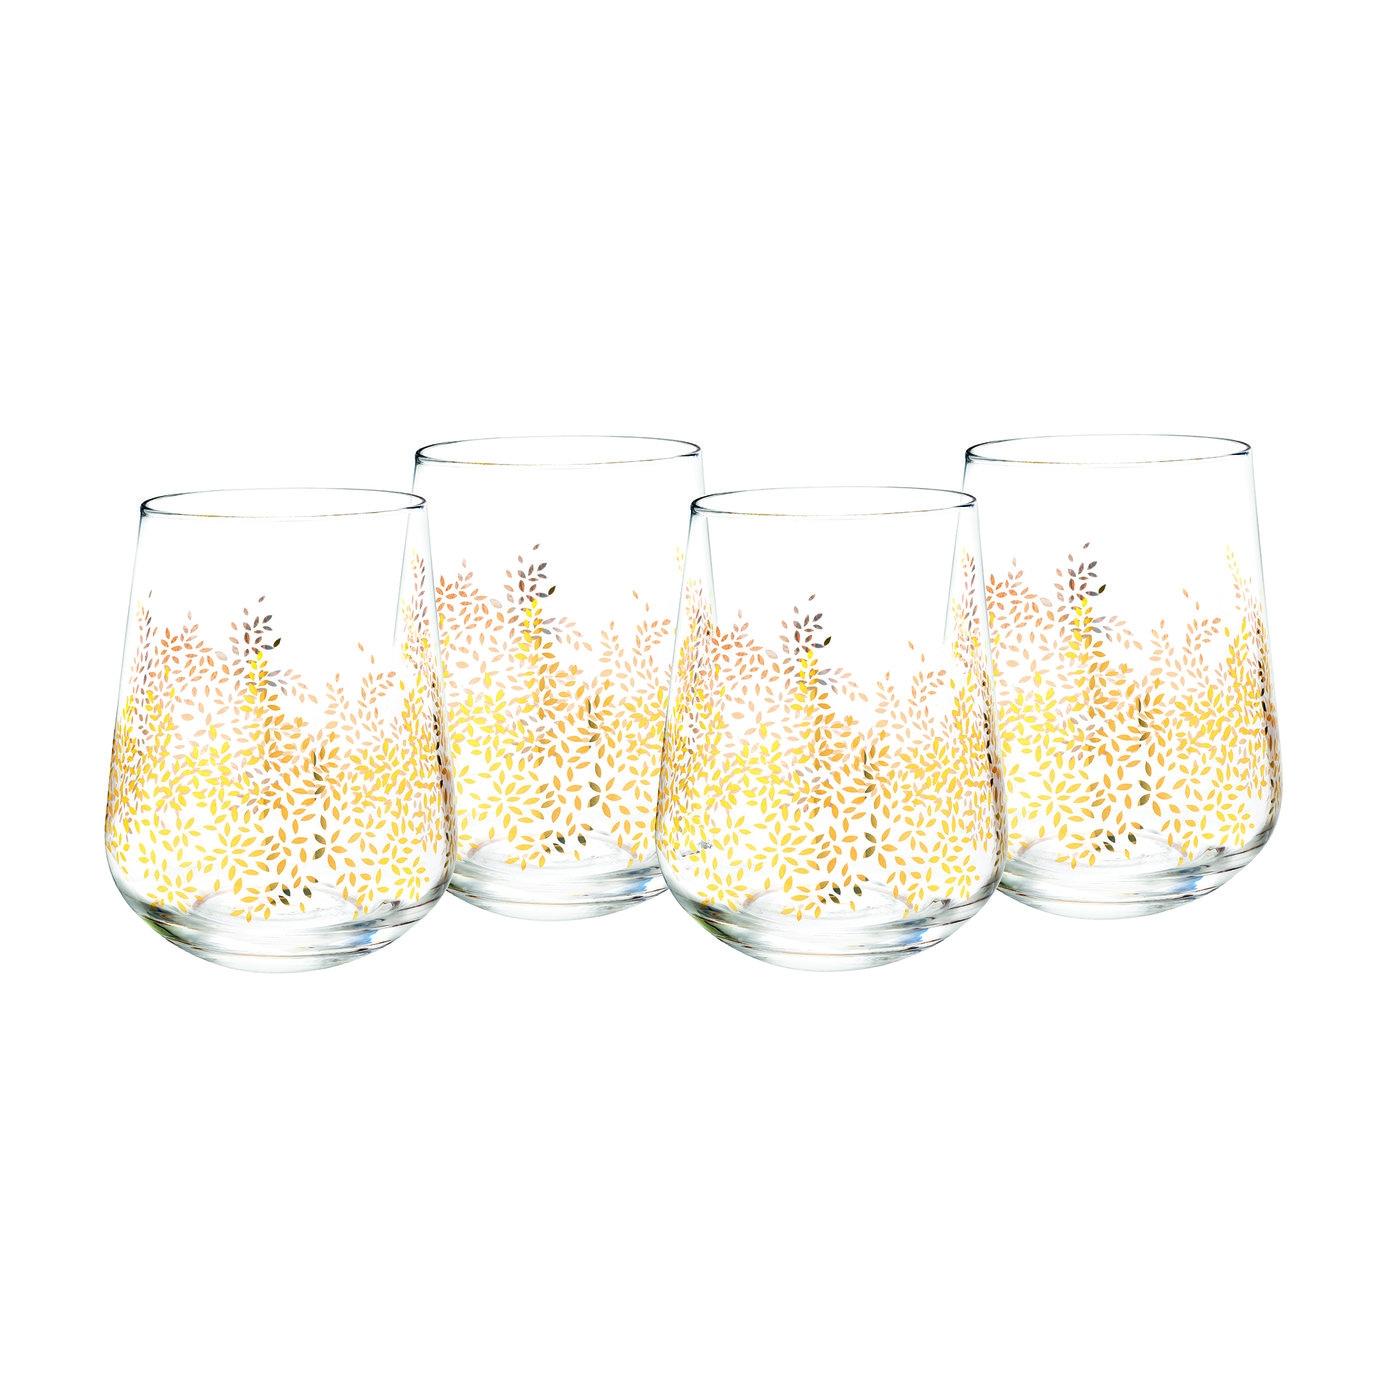 포트메리온 '사라 밀러 런던' 와인잔 4개 세트 Sara Miller London for Portmeirion Stemless Wine Glass Set of 4